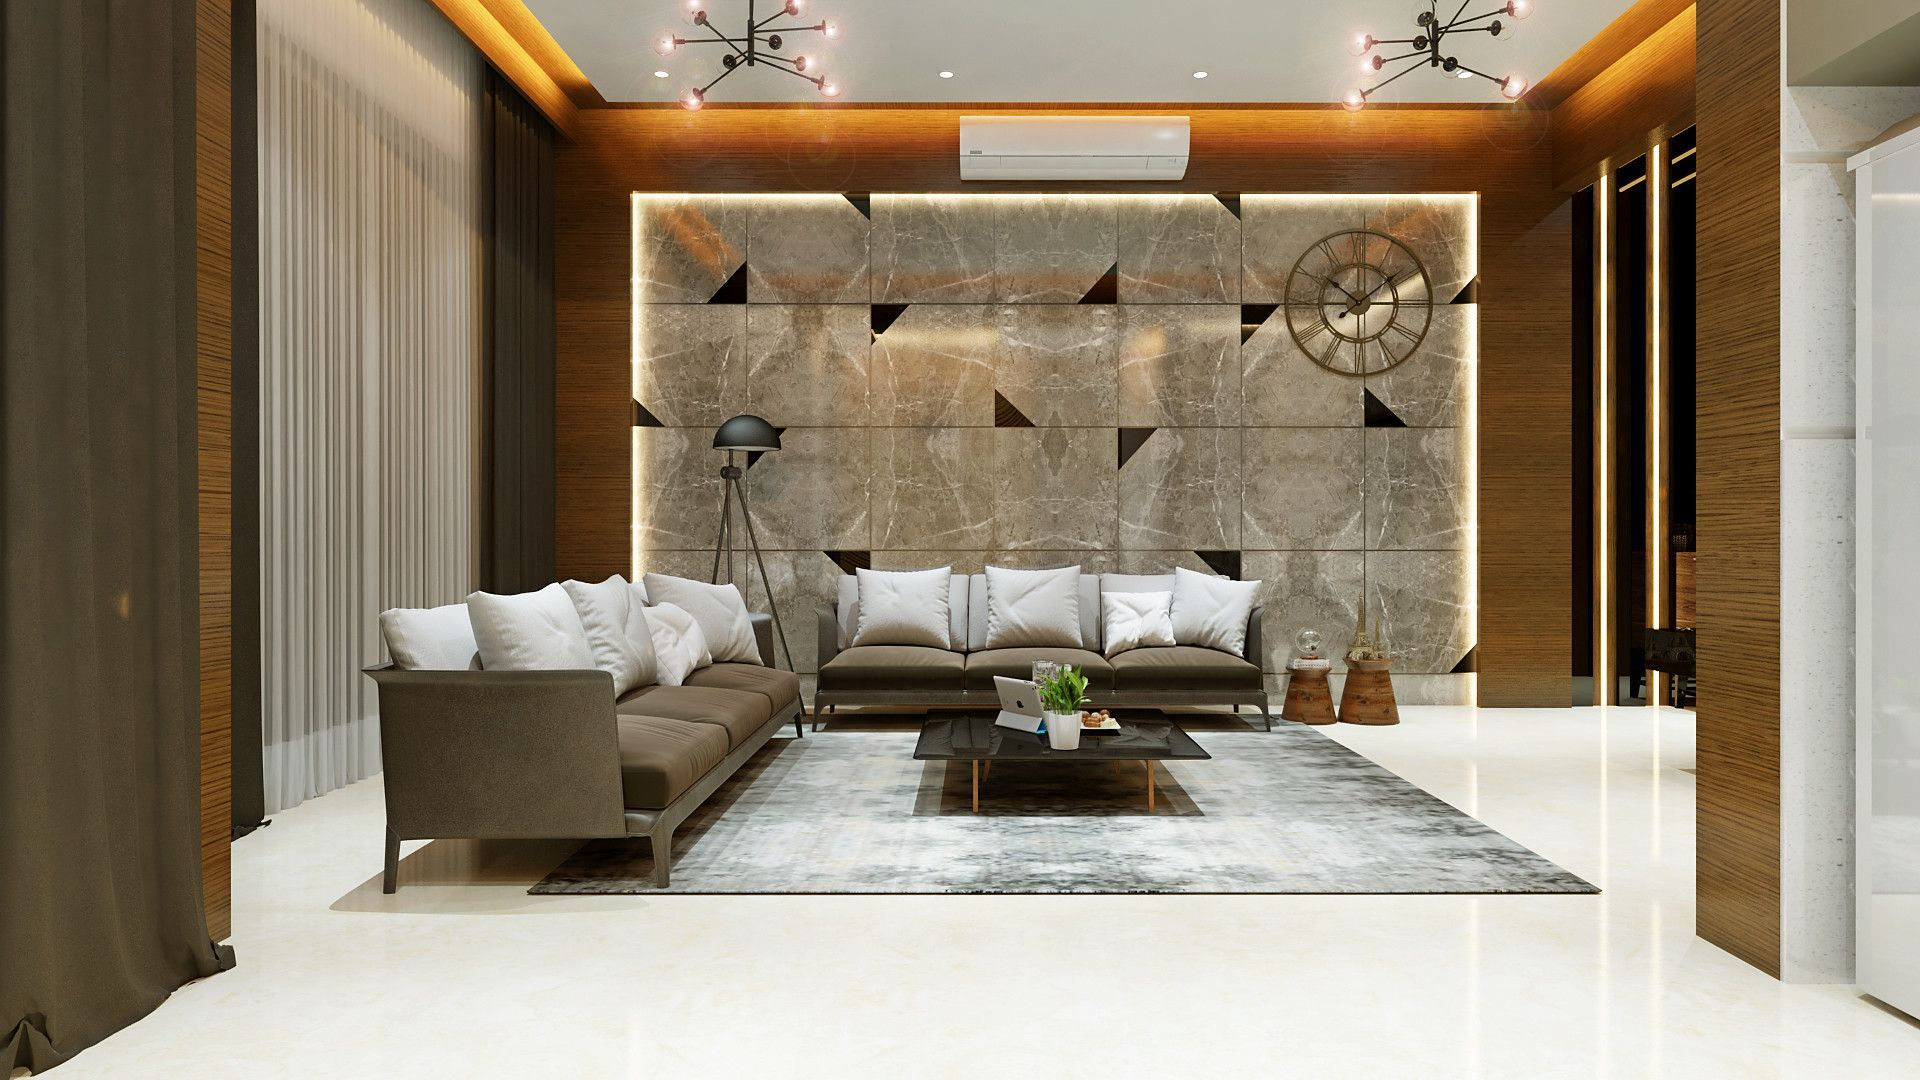 Image Result For Mix Modern Vintage Interior Design Living